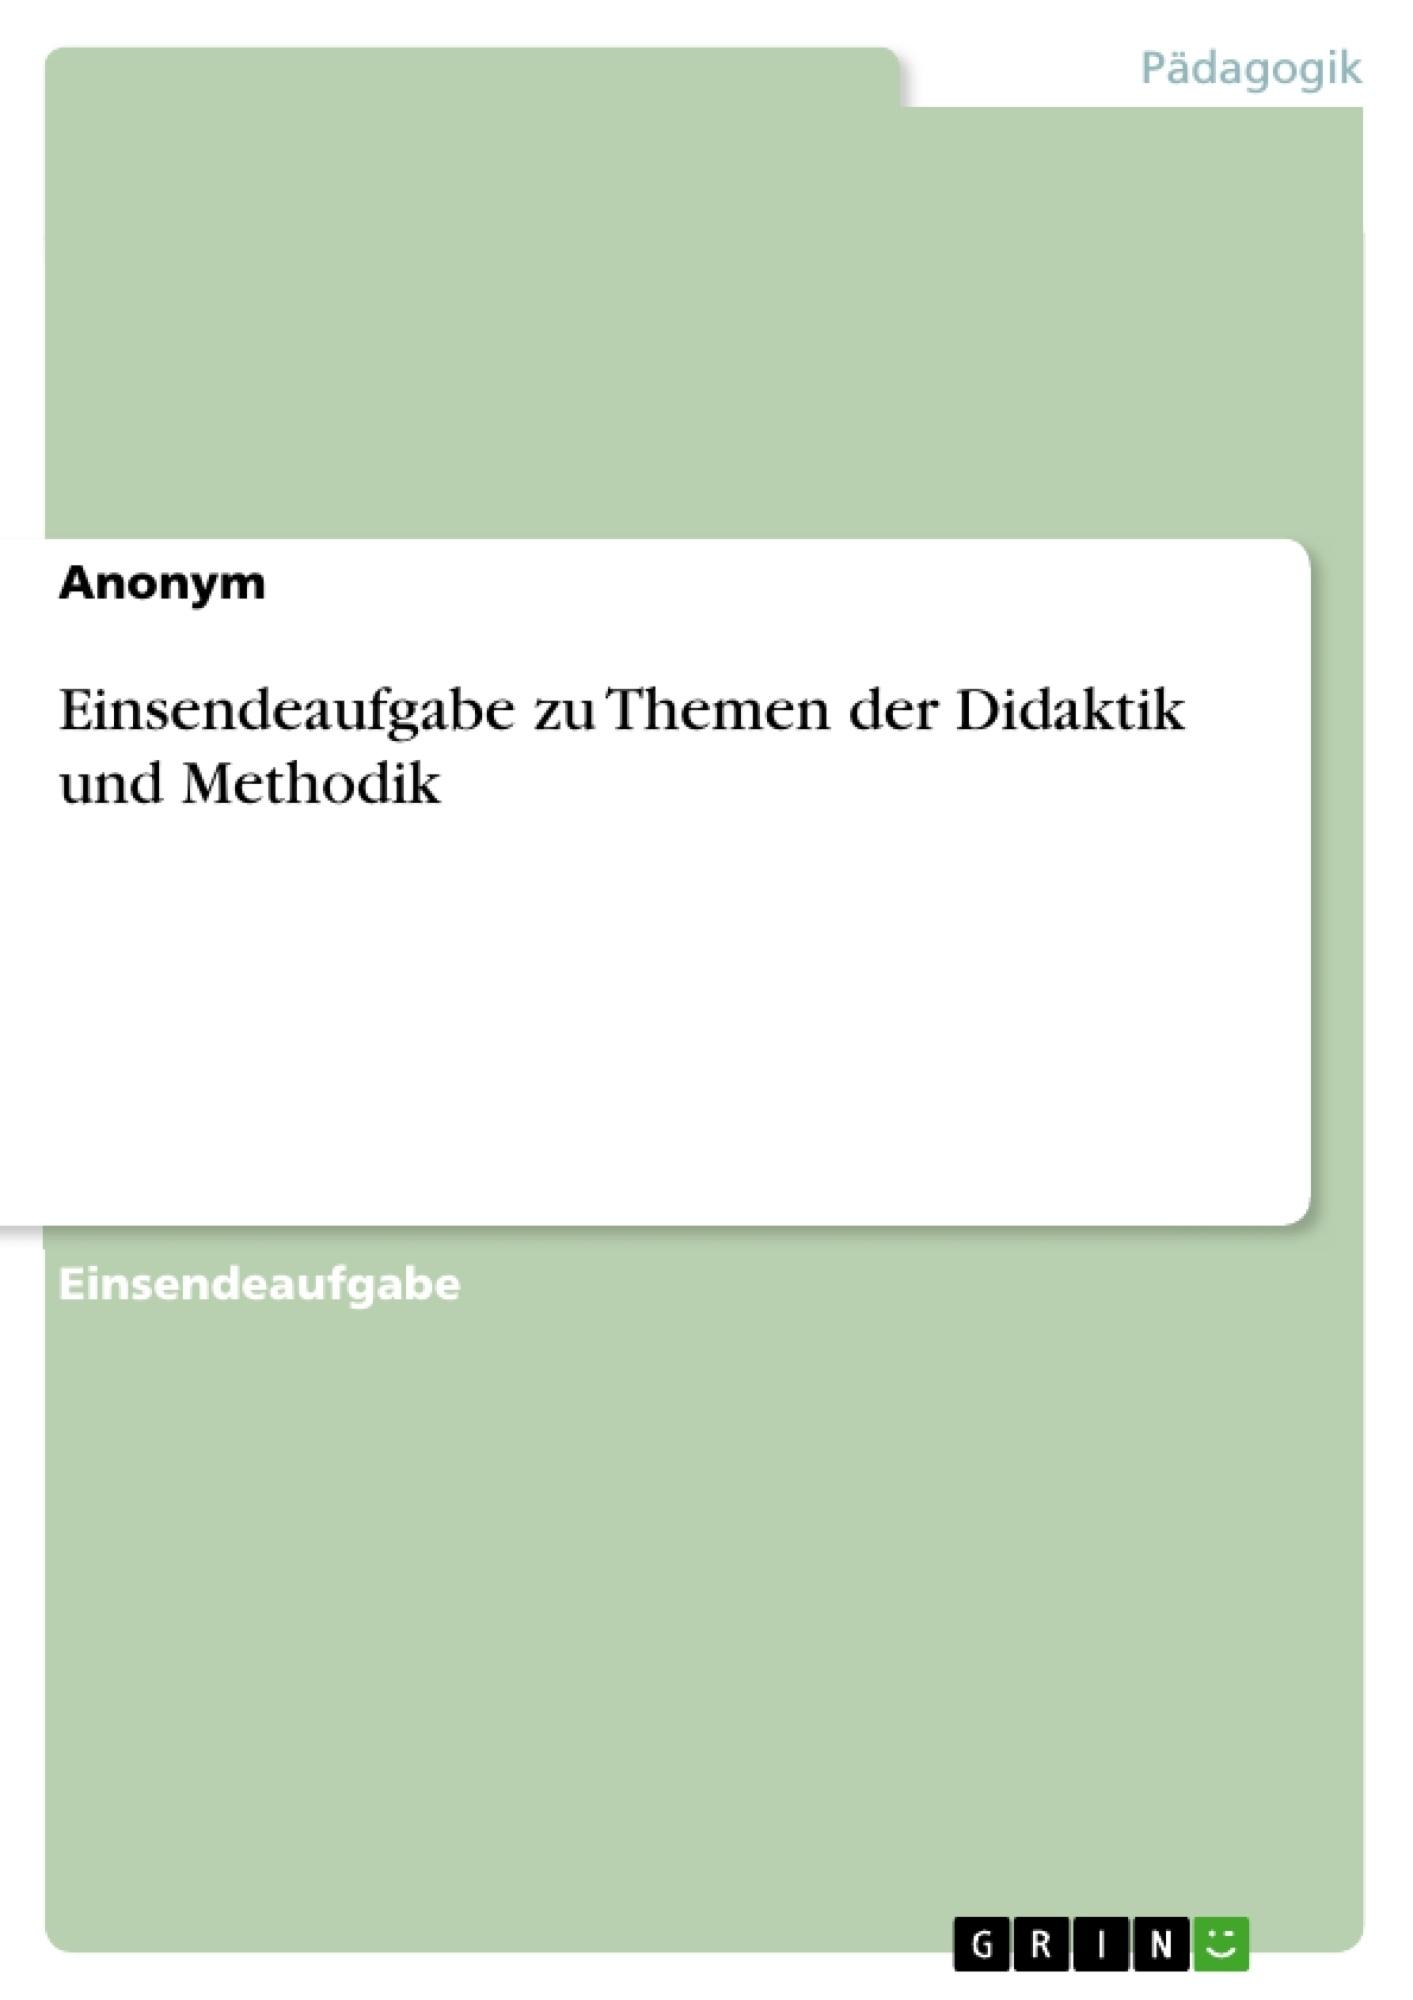 Titel: Einsendeaufgabe zu Themen der Didaktik und Methodik